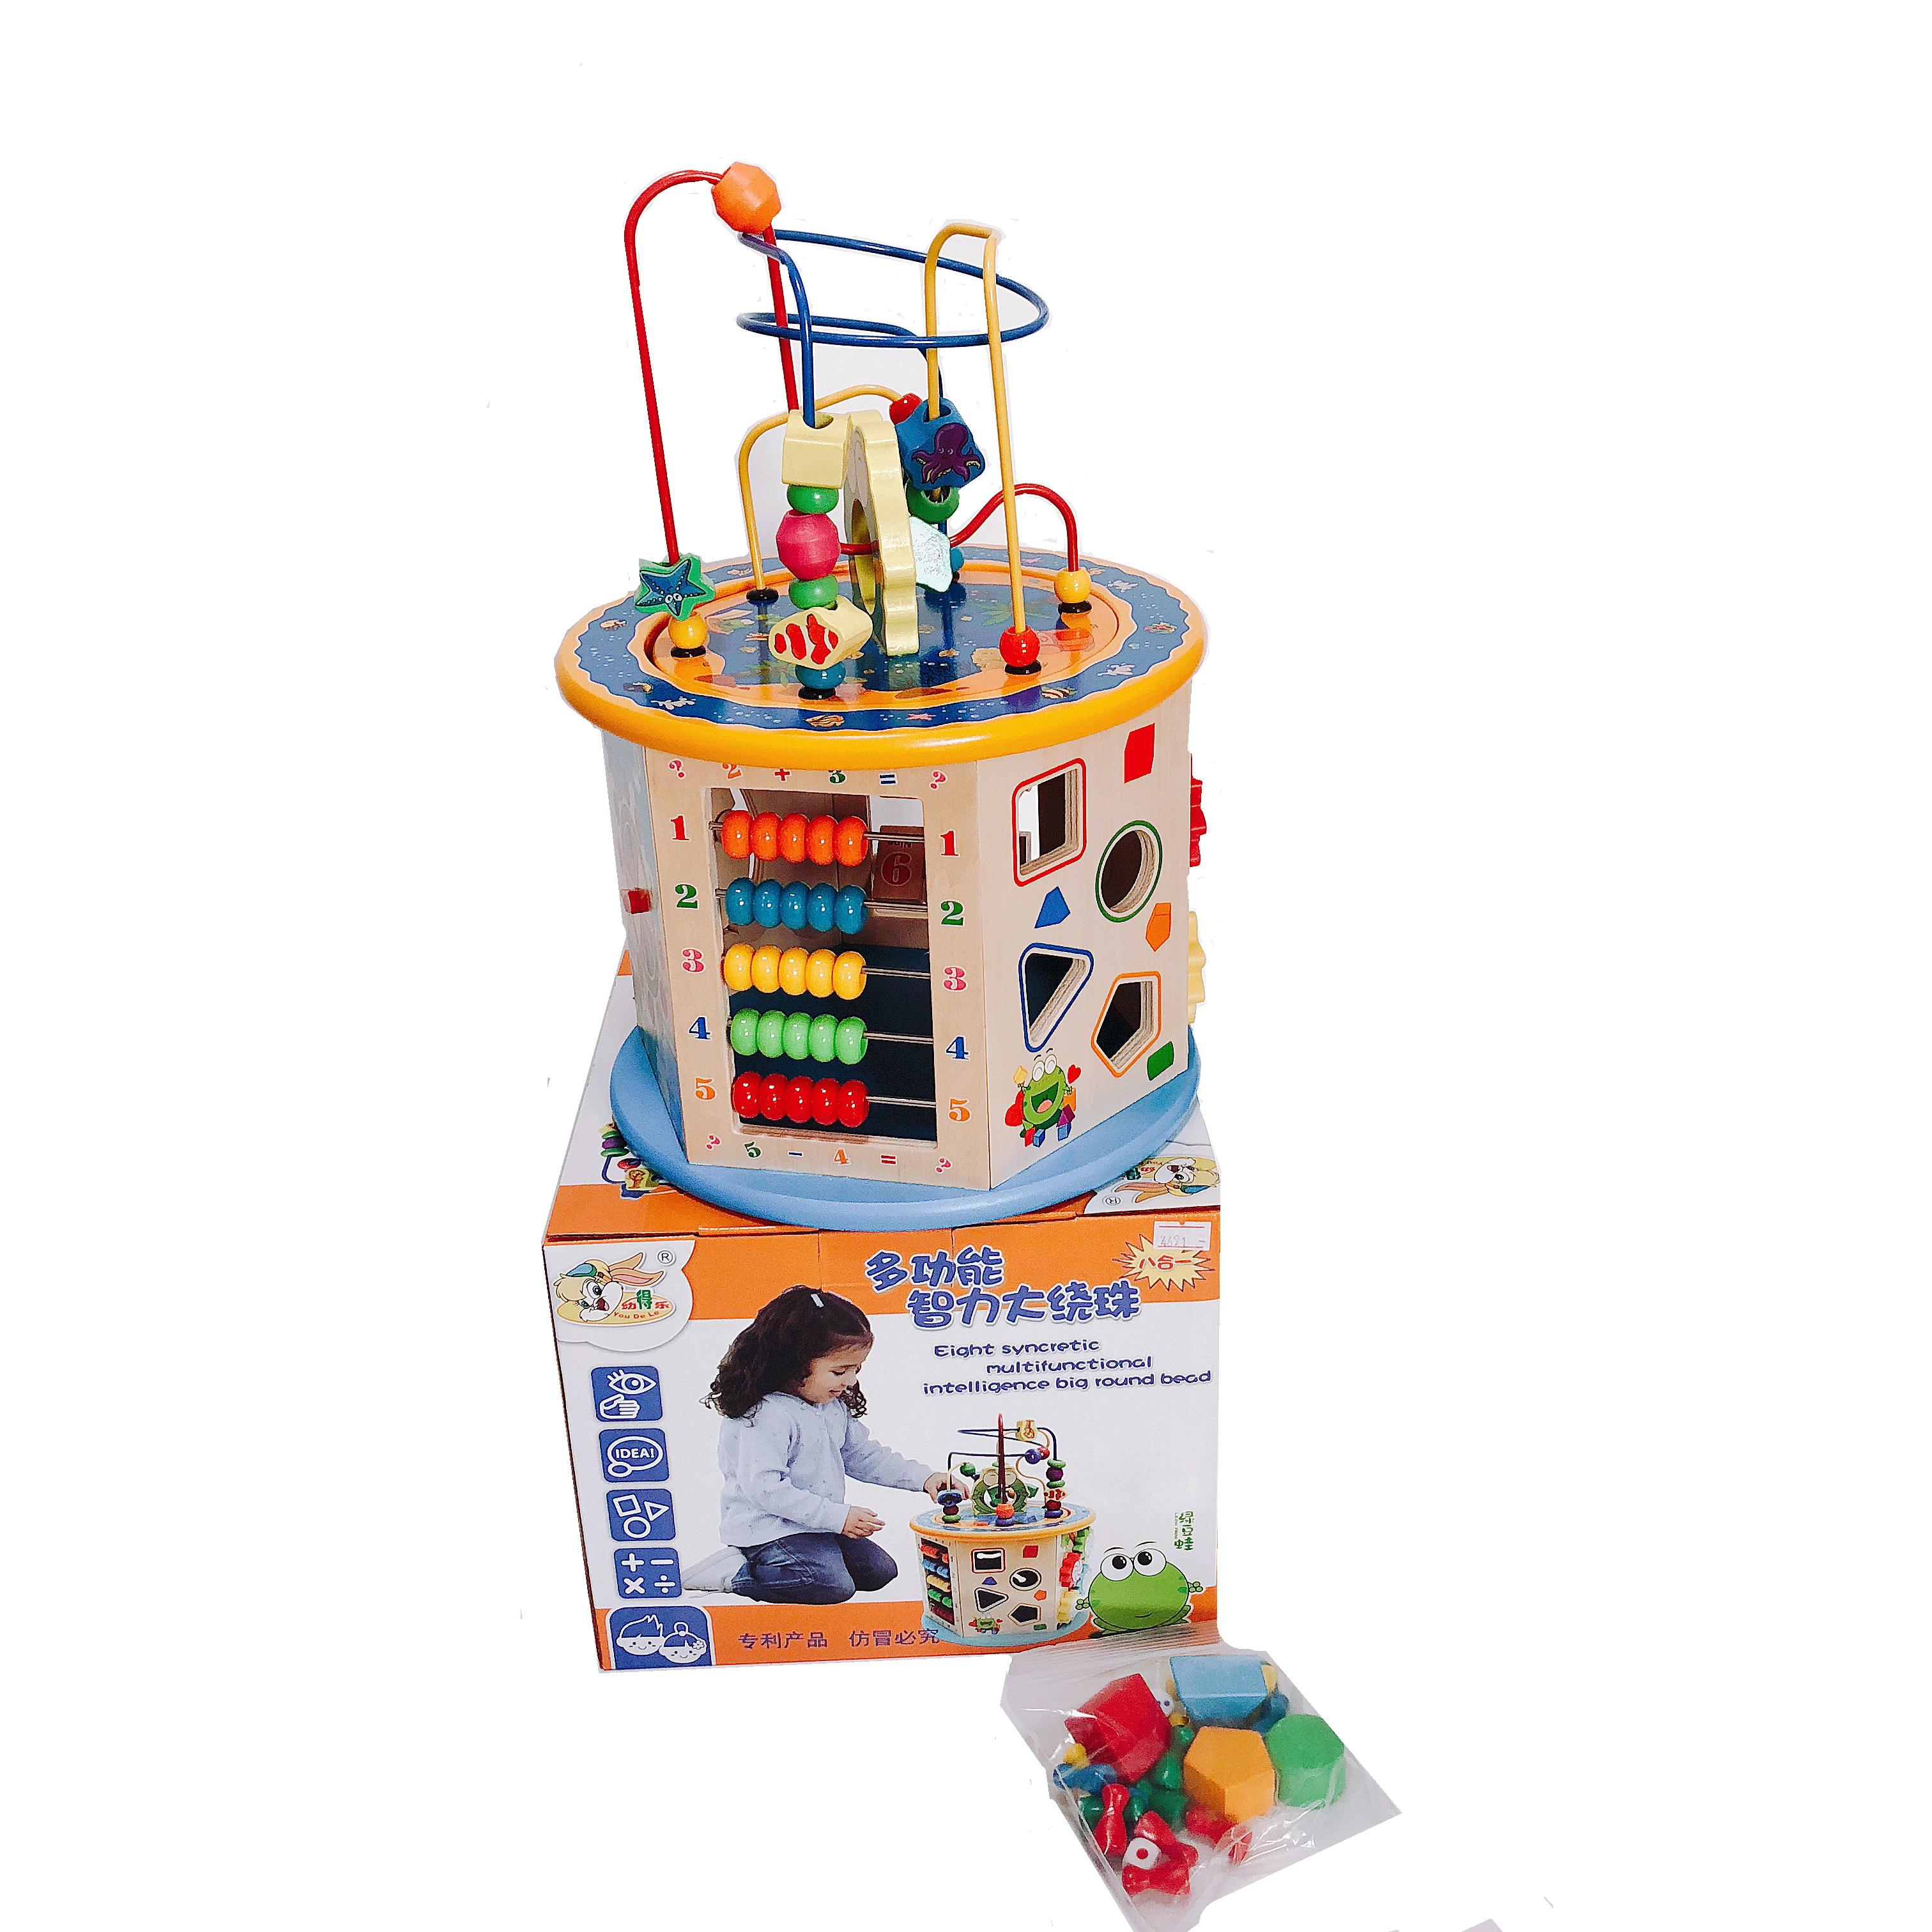 ของเล่นไม้กล่องกิจกกรม (ราคา/ชิ้น)